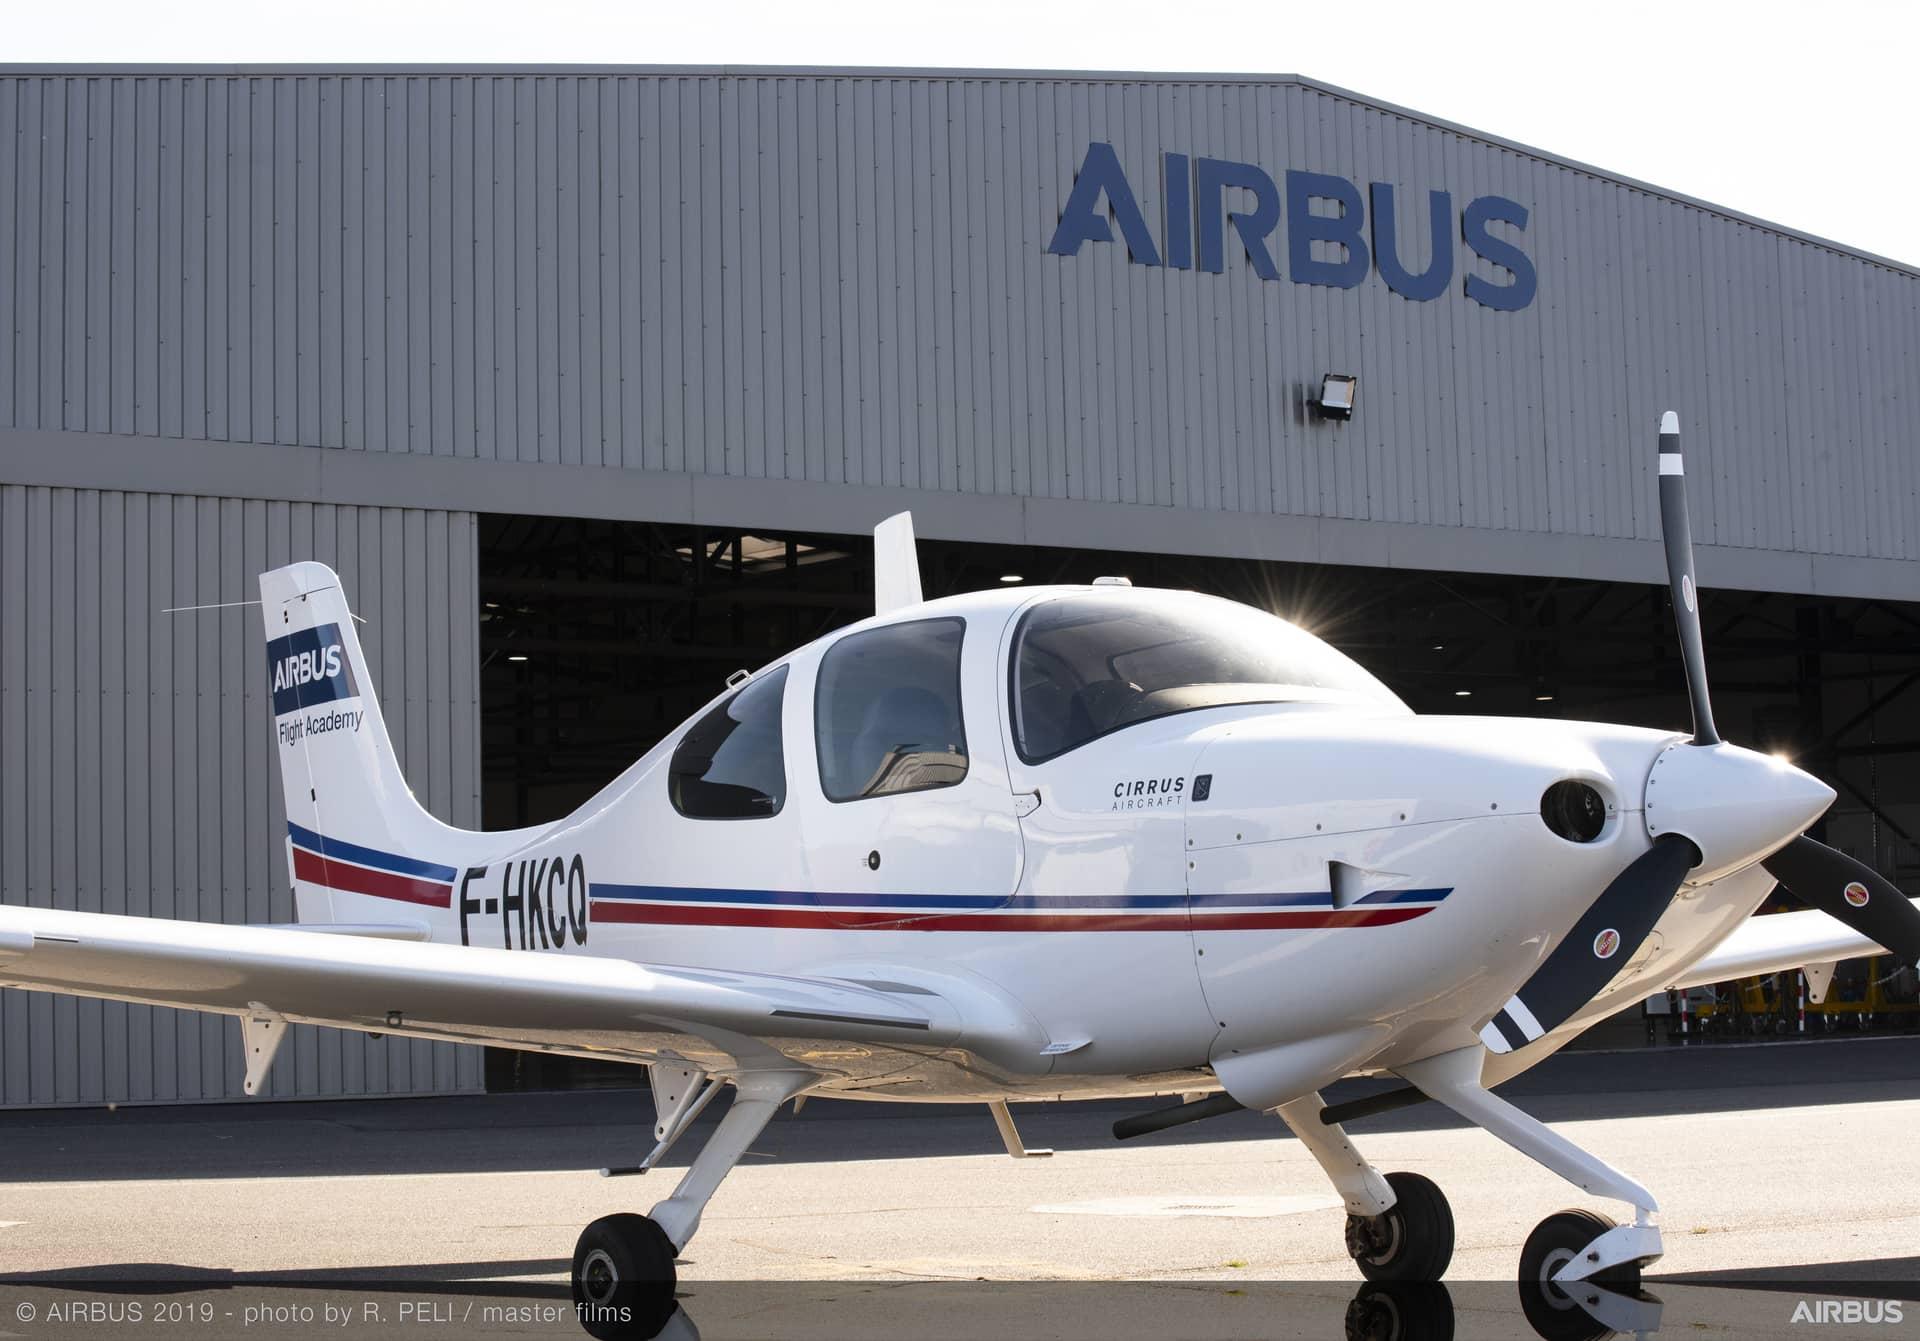 Avion de l(école de pilotage Airbus Flight Academy Europe